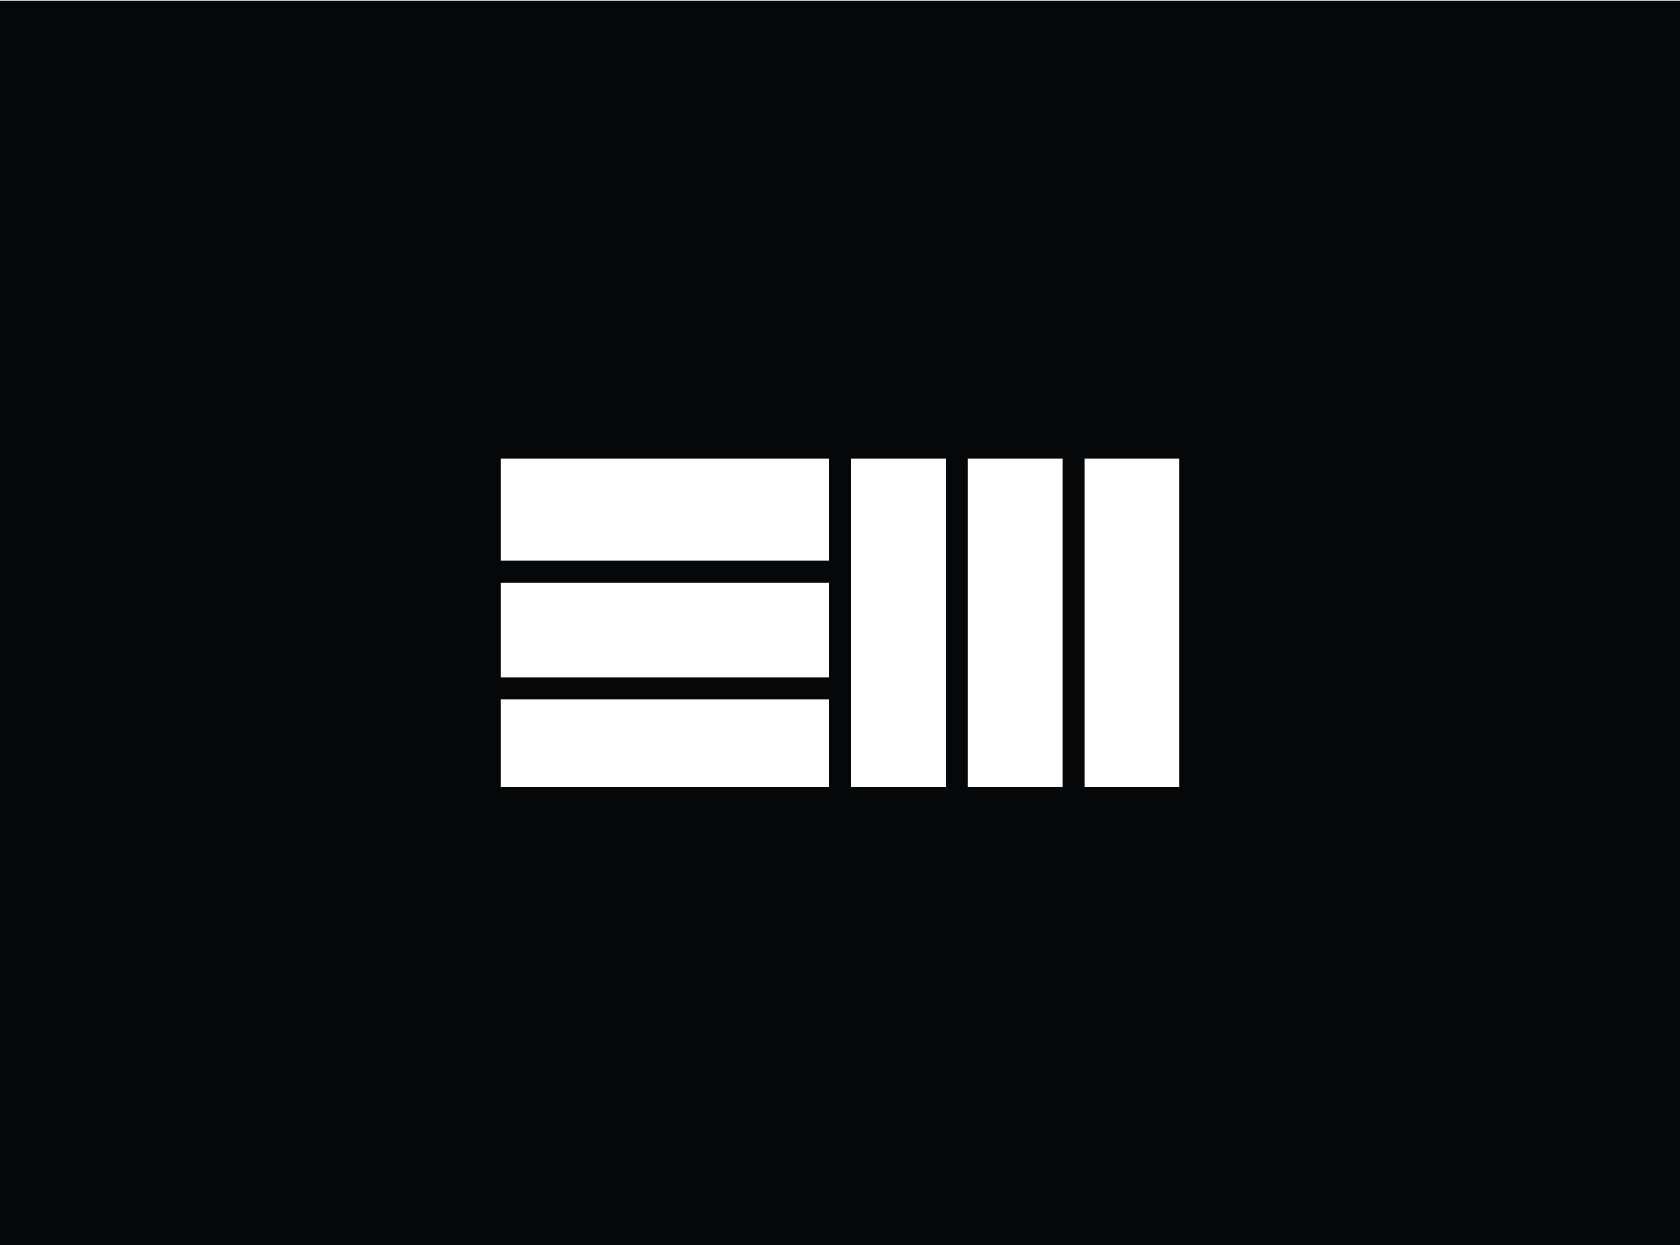 Logo design for EJ Melling